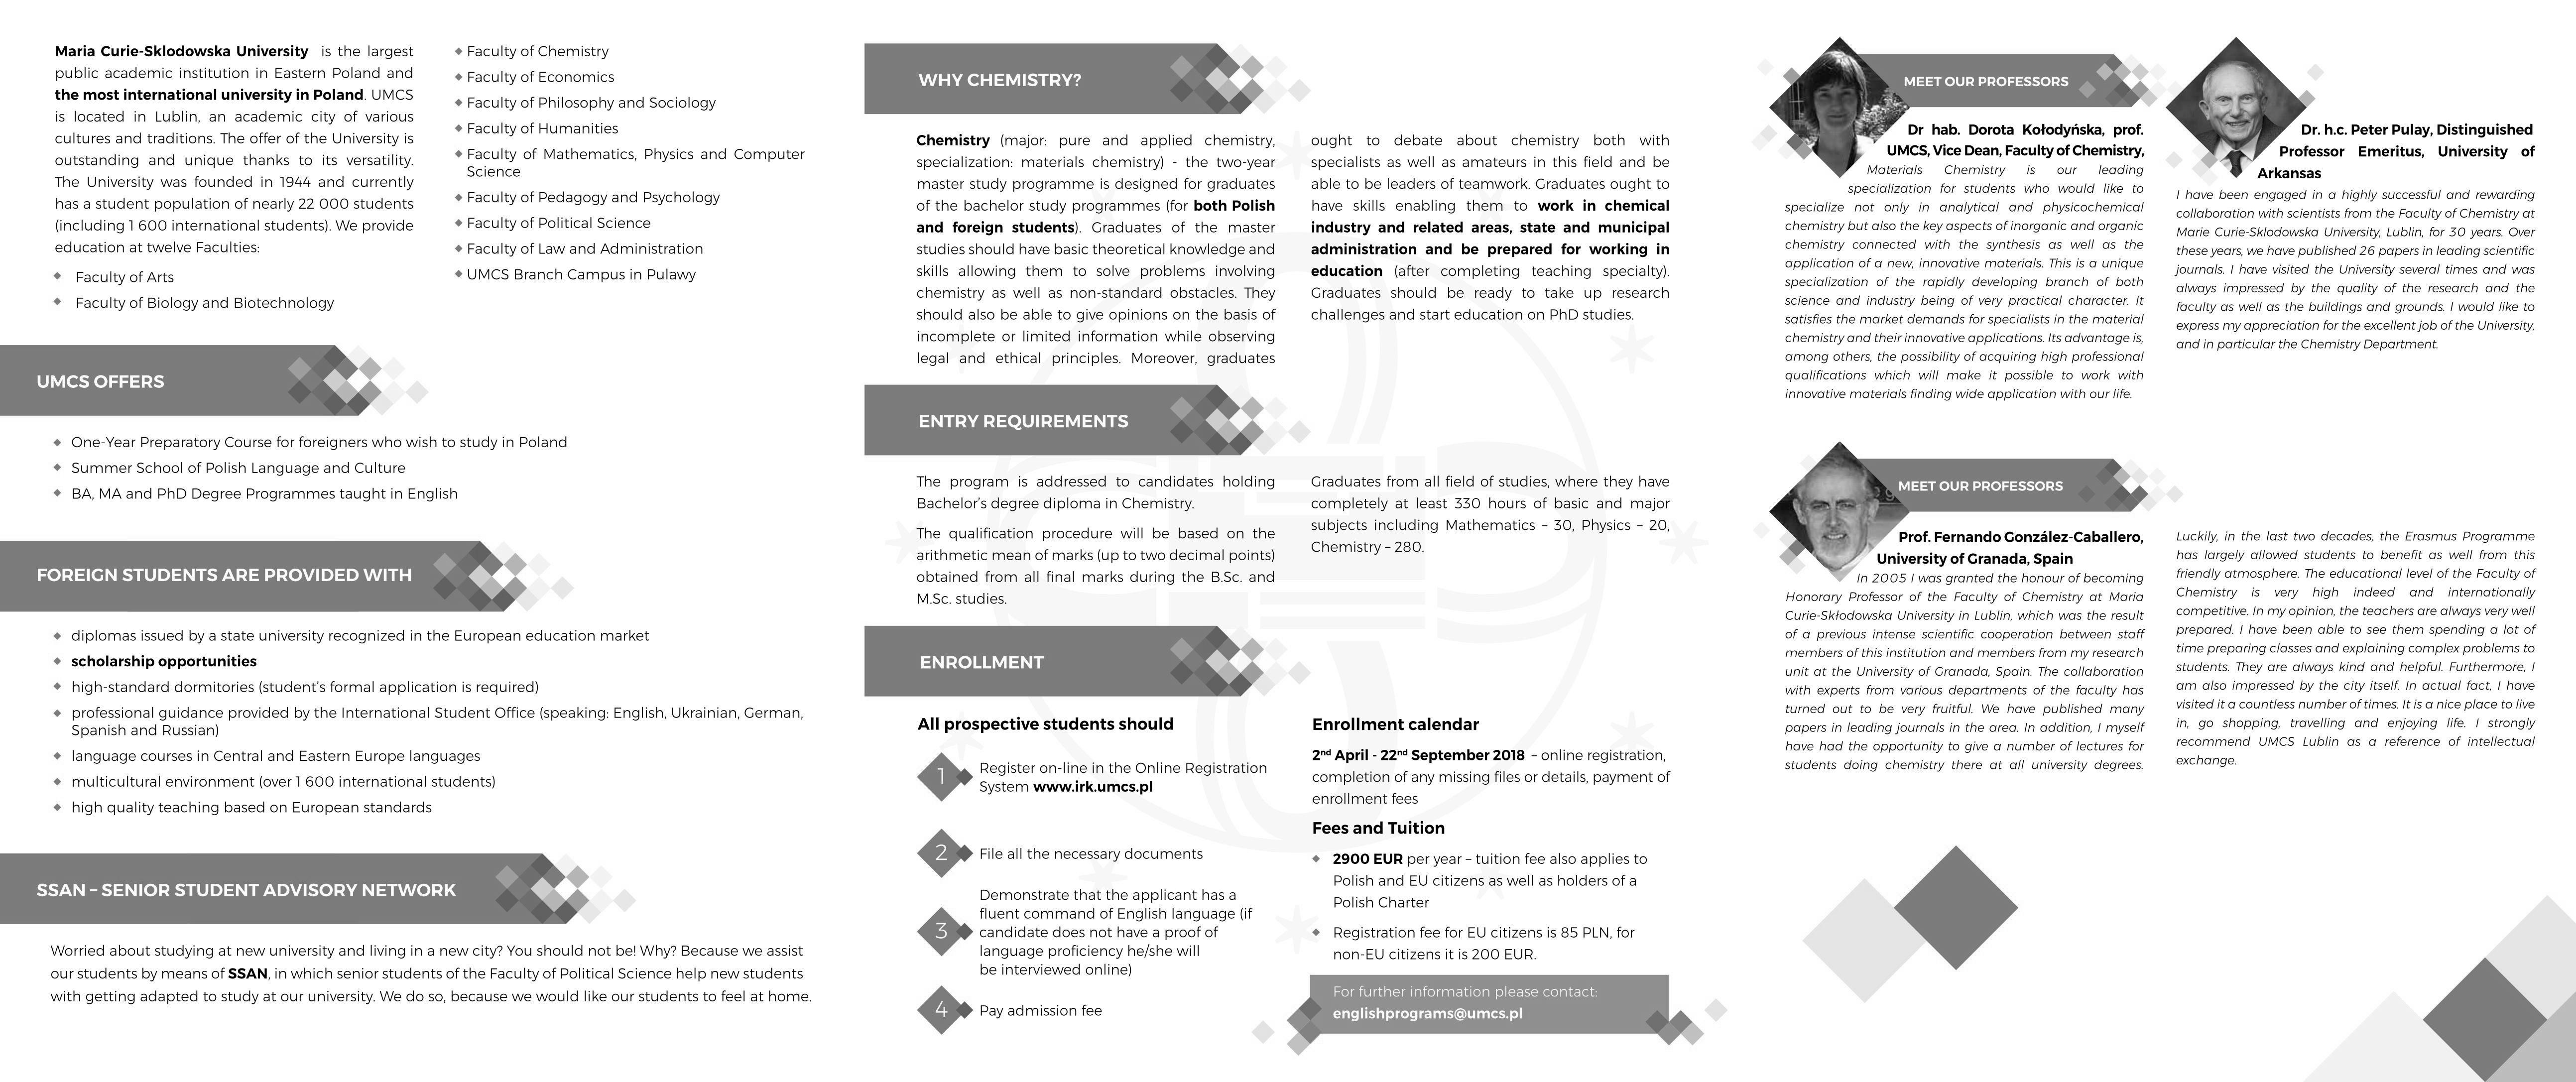 Chemistry MSc Programme - details.jpg